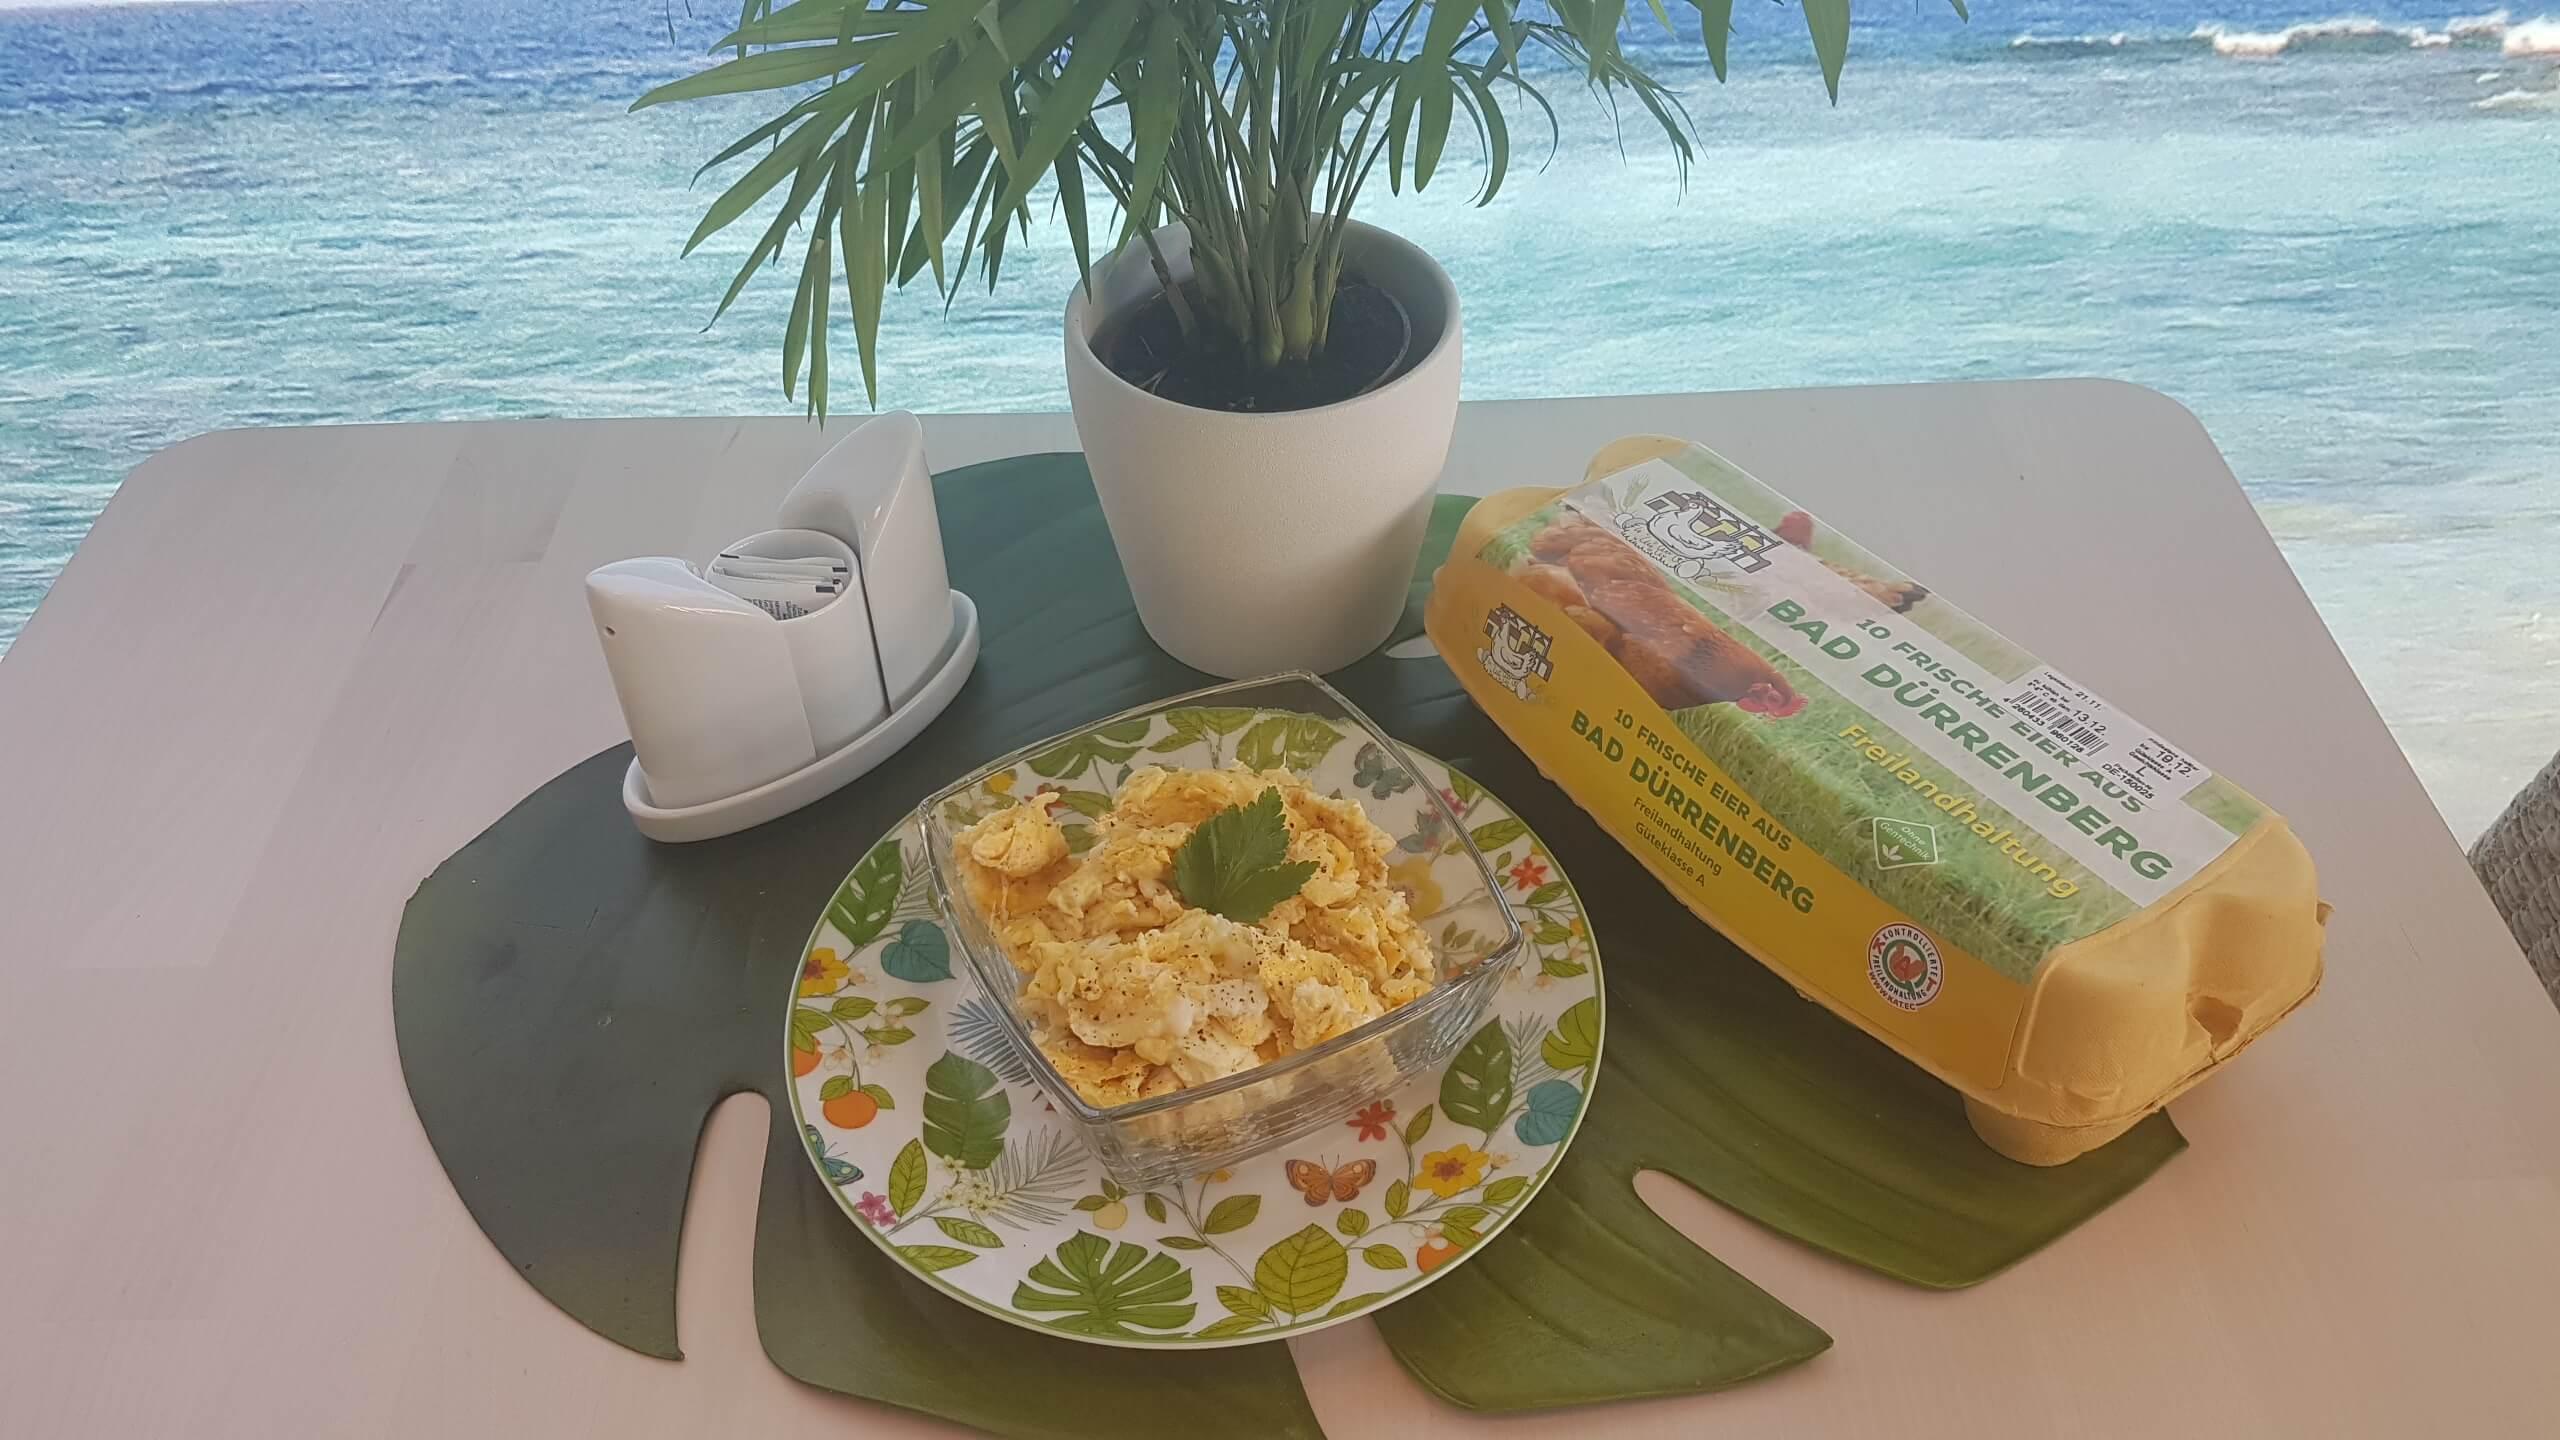 Portion Rührei Freilandhaltung Cafe Yellowbrasil